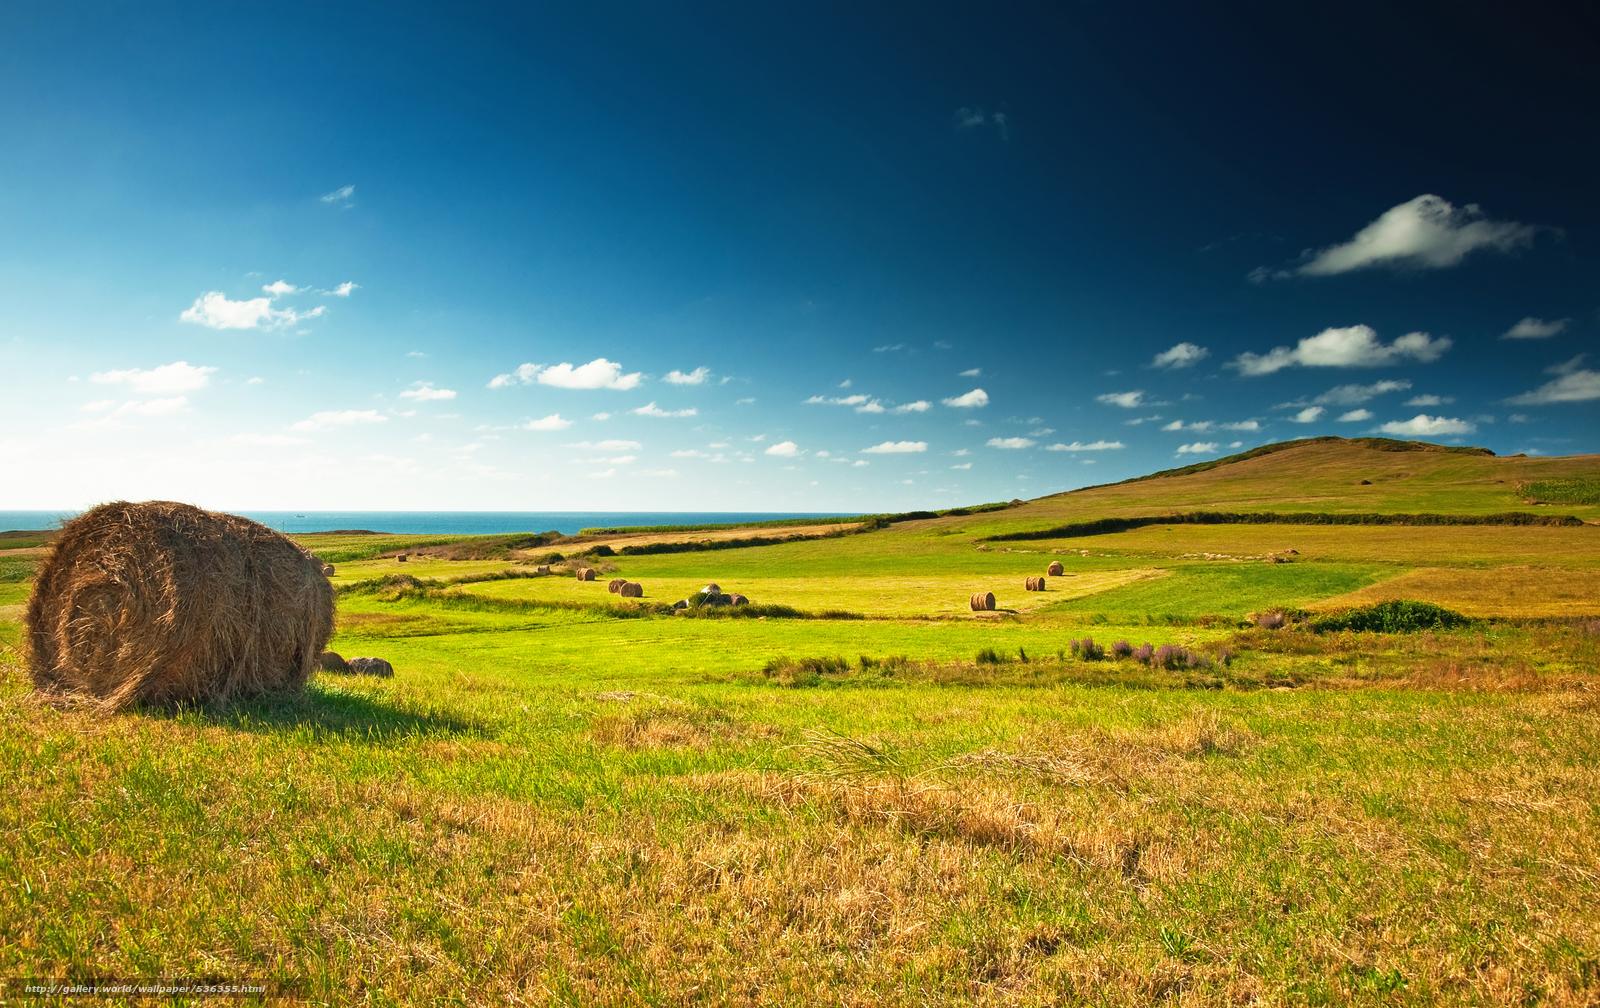 Скачать обои солома,  поле,  побережье бесплатно для рабочего стола в разрешении 8220x5178 — картинка №536355